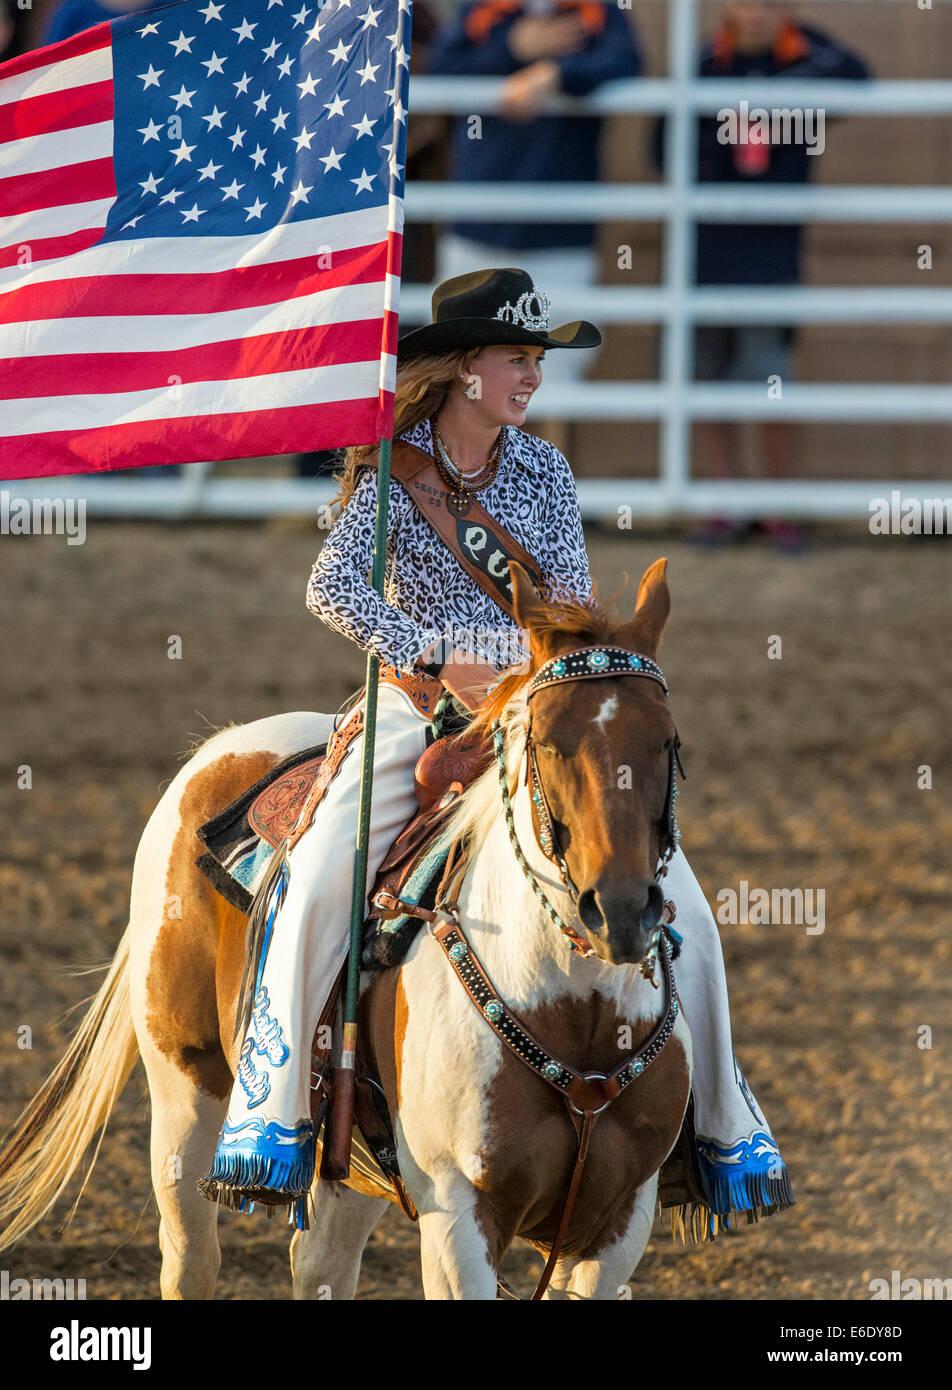 Rodeo reina llevando la bandera americana a caballo durante el Himno Nacional, Chaffee County Fair & Rodeo, Imagen De Stock